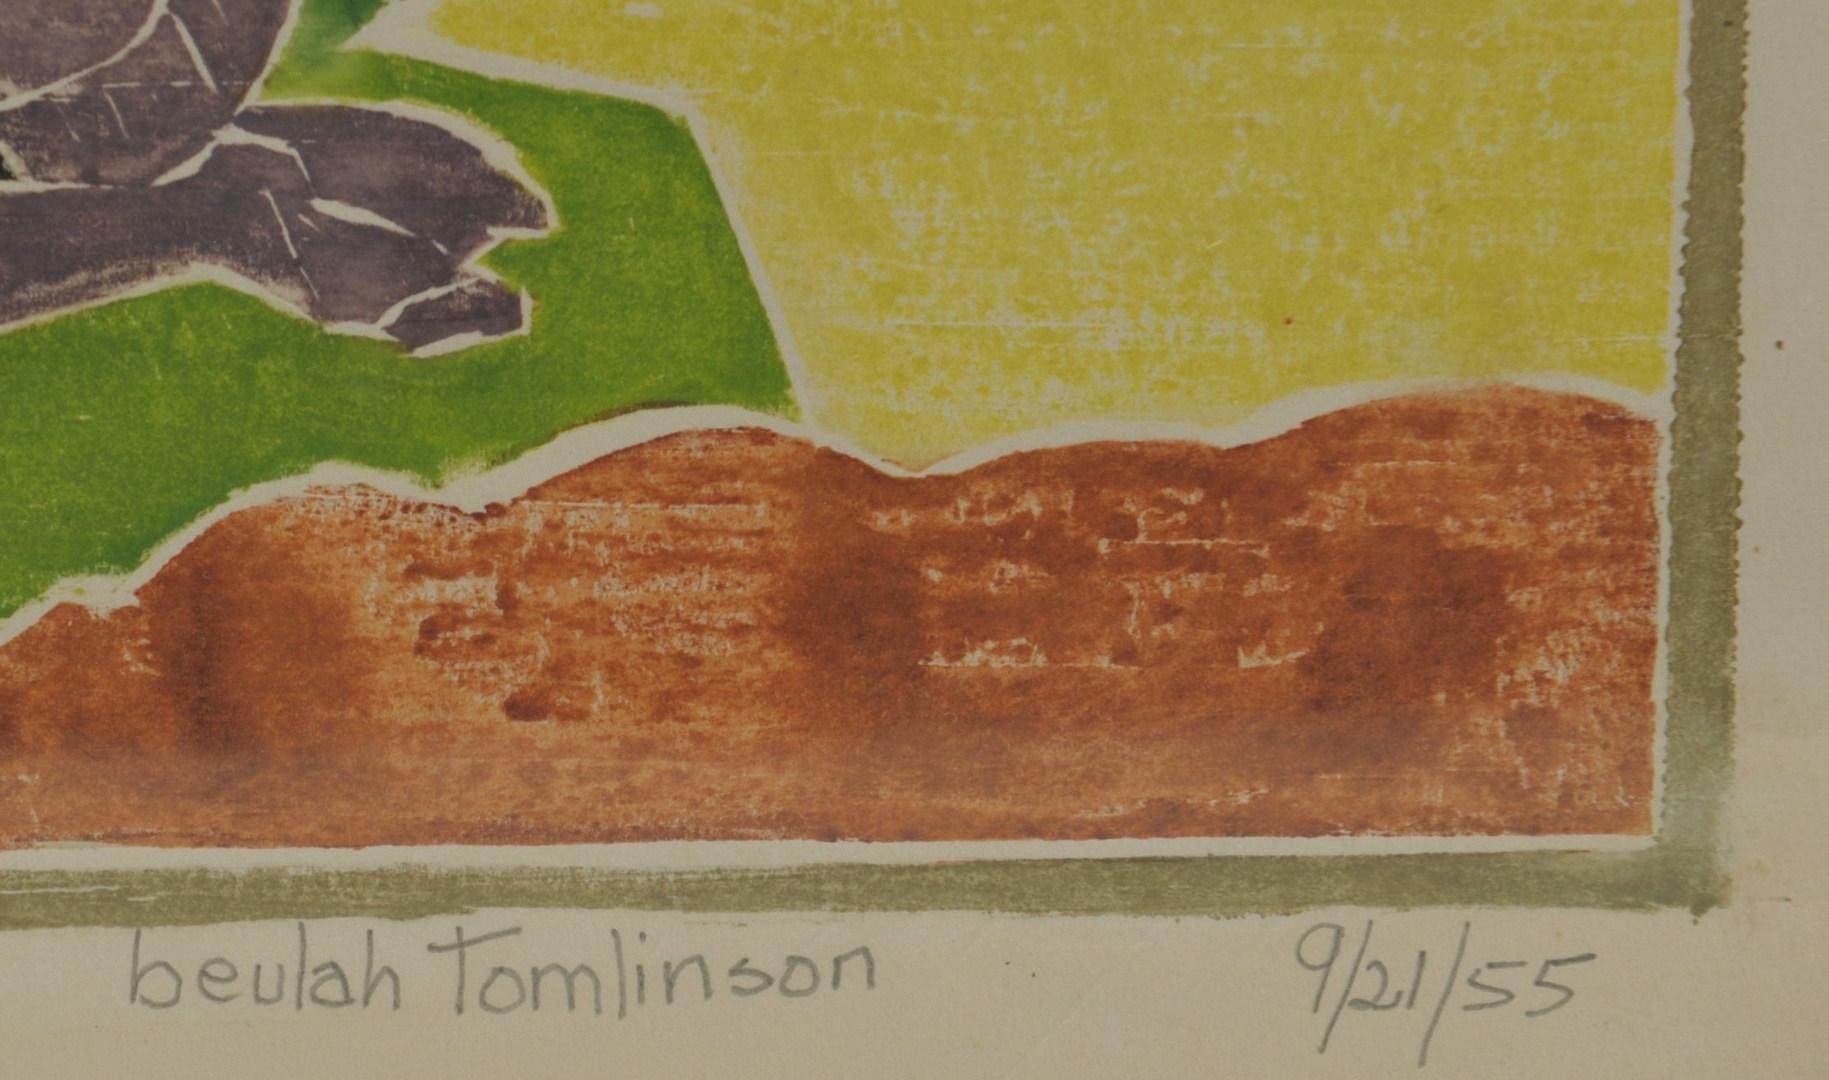 Lot 334: 2 Beulah Tomlinson Wood Cut Block Prints: Rabbit a